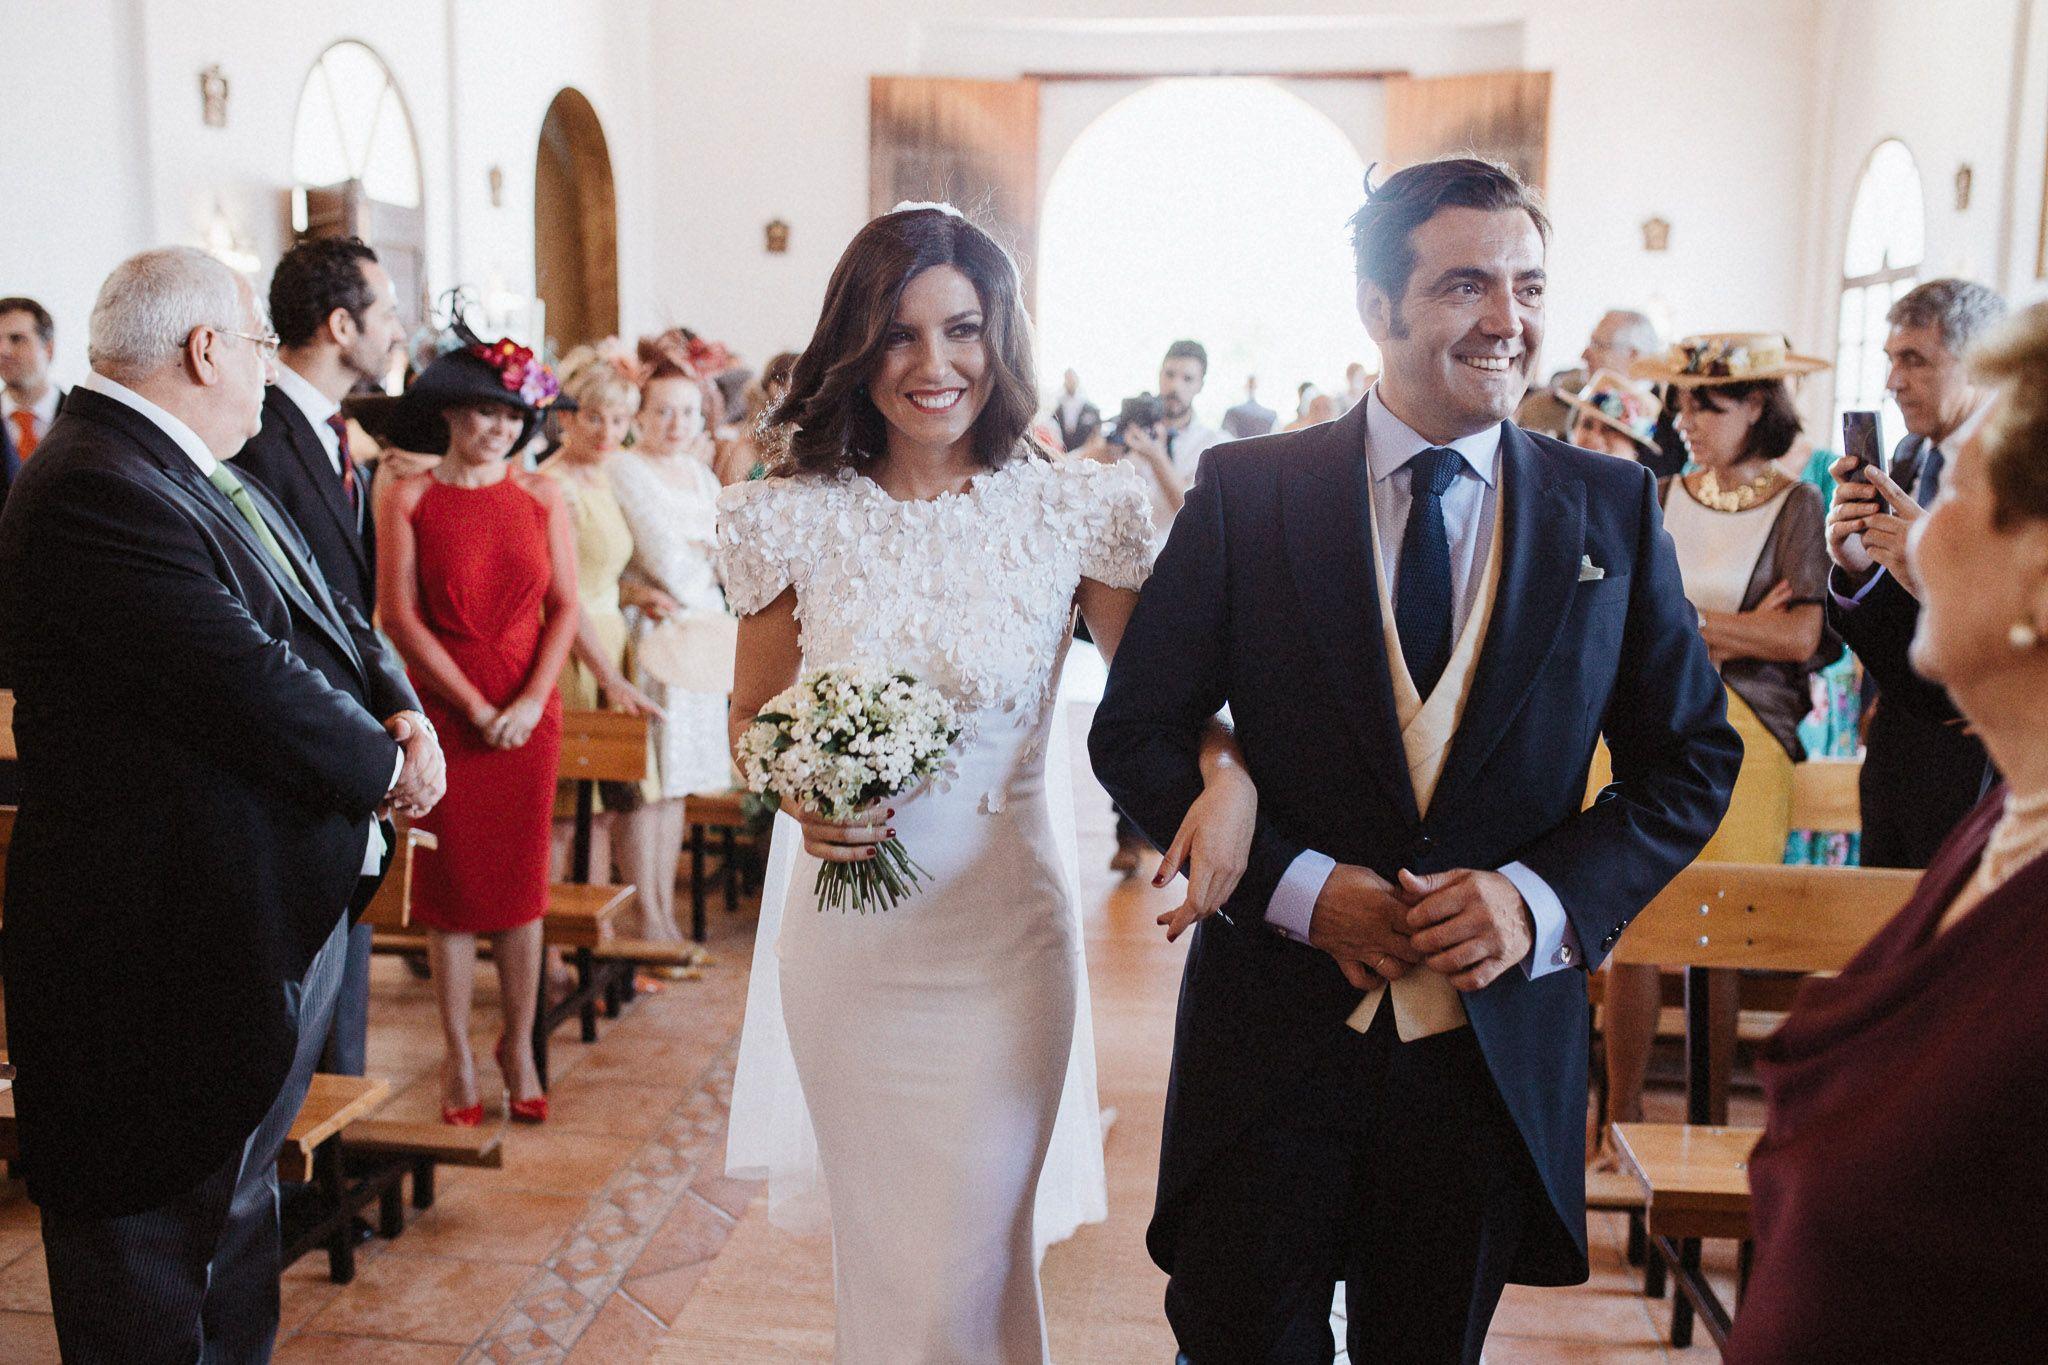 Boda Jorge Campos y Rebeca Vallejo - WEddings With Love y Forraje Films